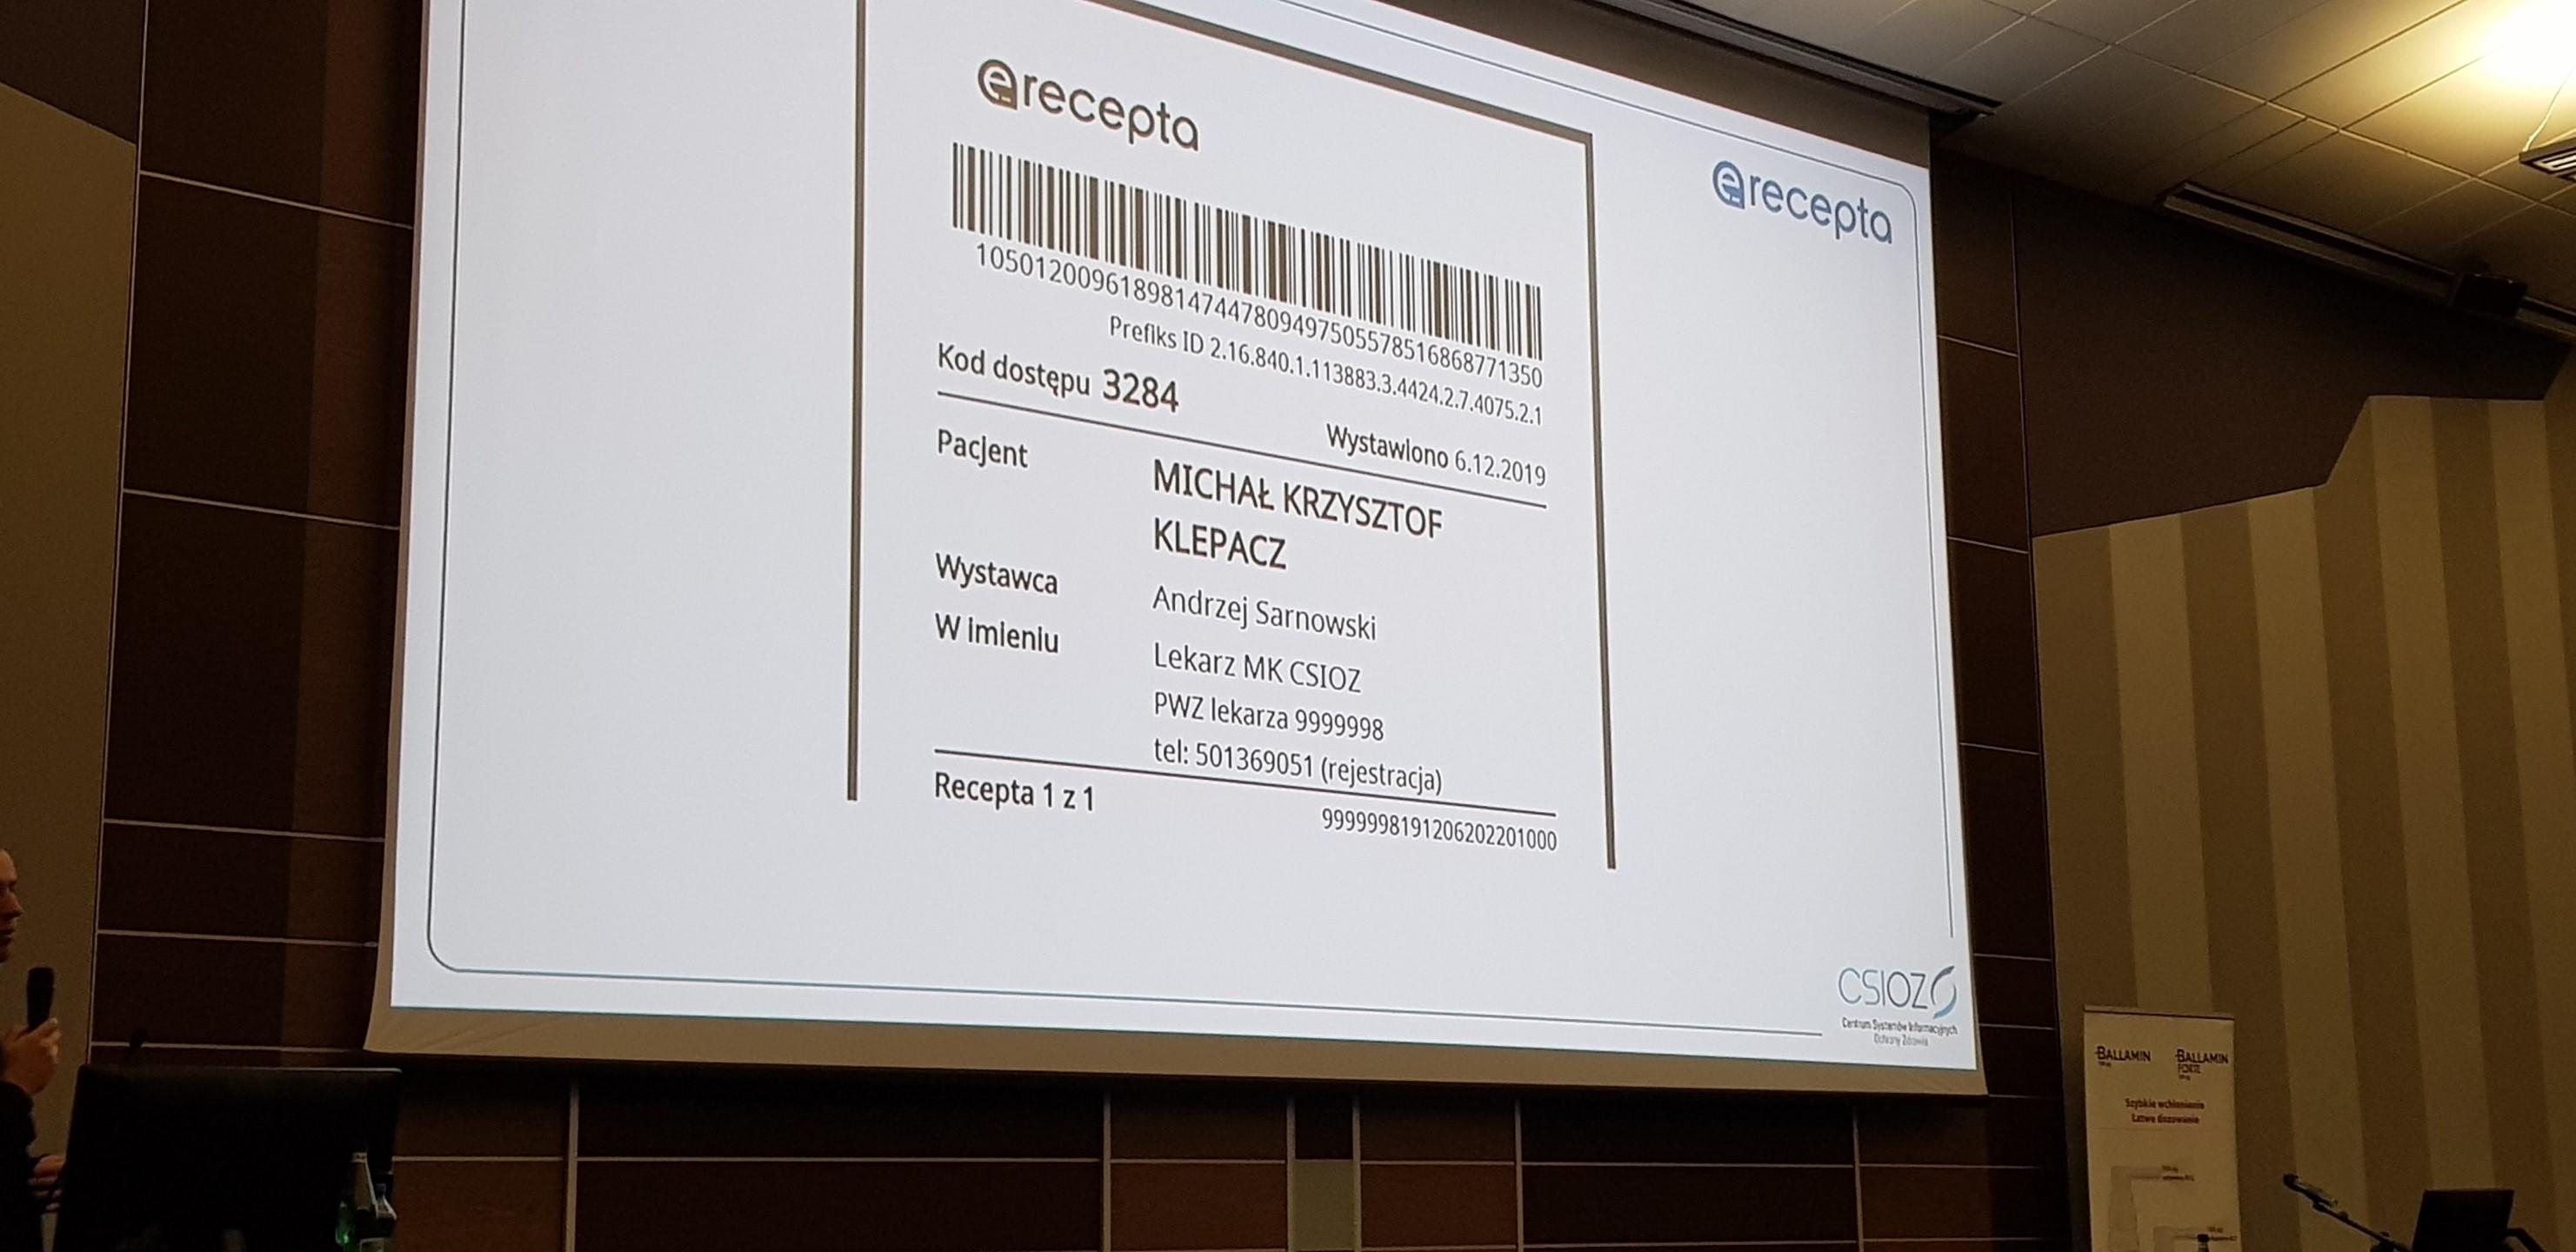 E-recepta wystawiona przez asystenta medycznego (fot. MGR.FARM)